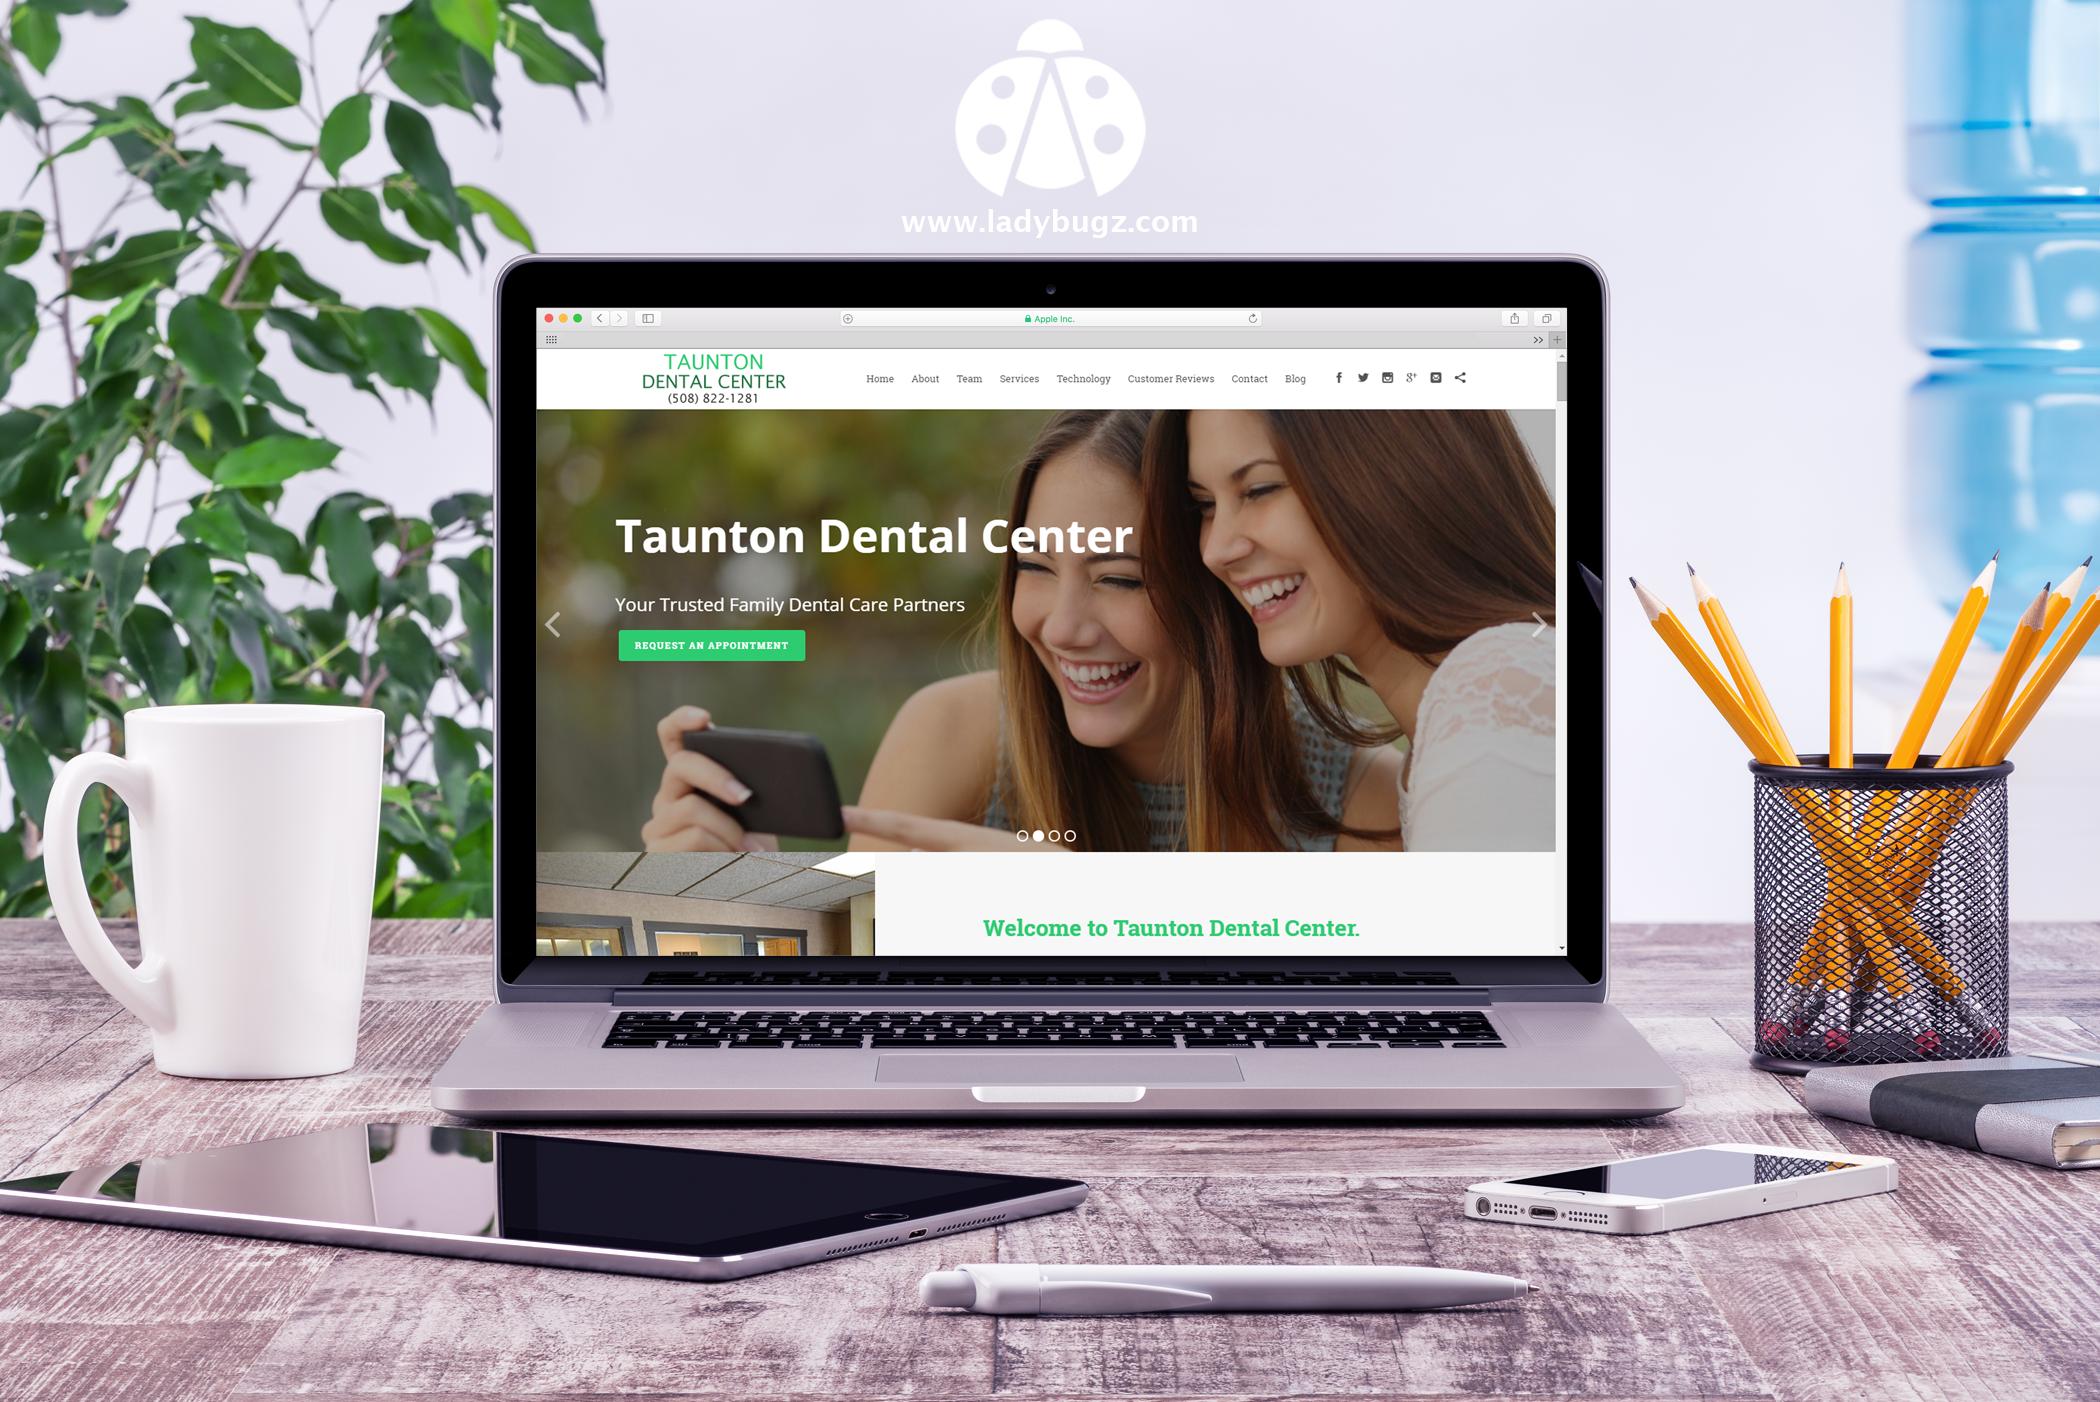 #responsive #webdesign #dentalmarketing #contentmarketing Designed new websites for dentist in Massachusetts